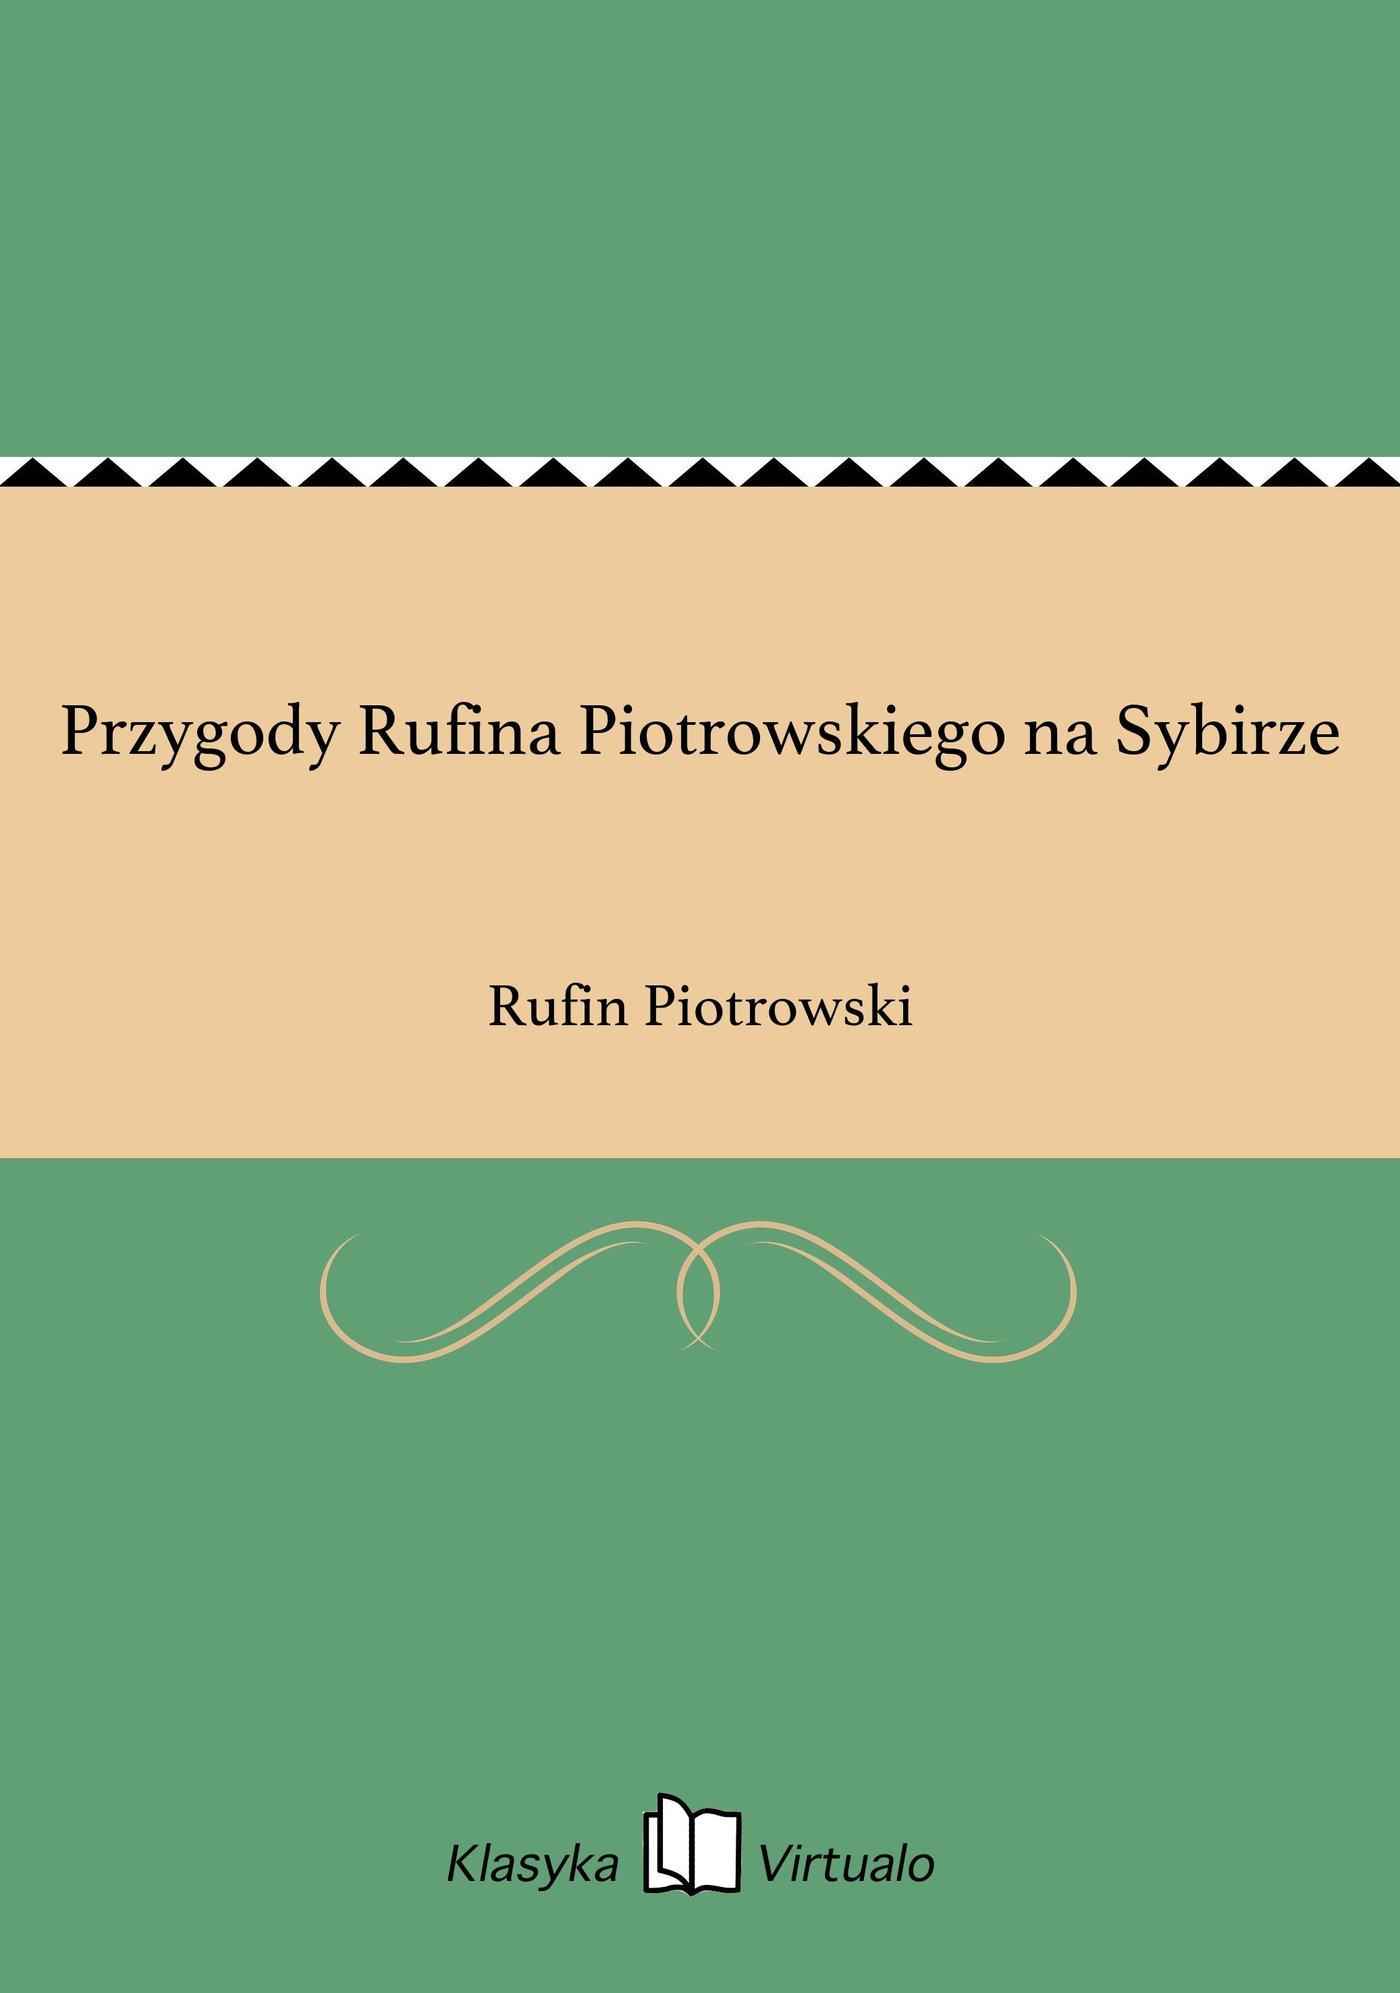 Przygody Rufina Piotrowskiego na Sybirze - Ebook (Książka na Kindle) do pobrania w formacie MOBI